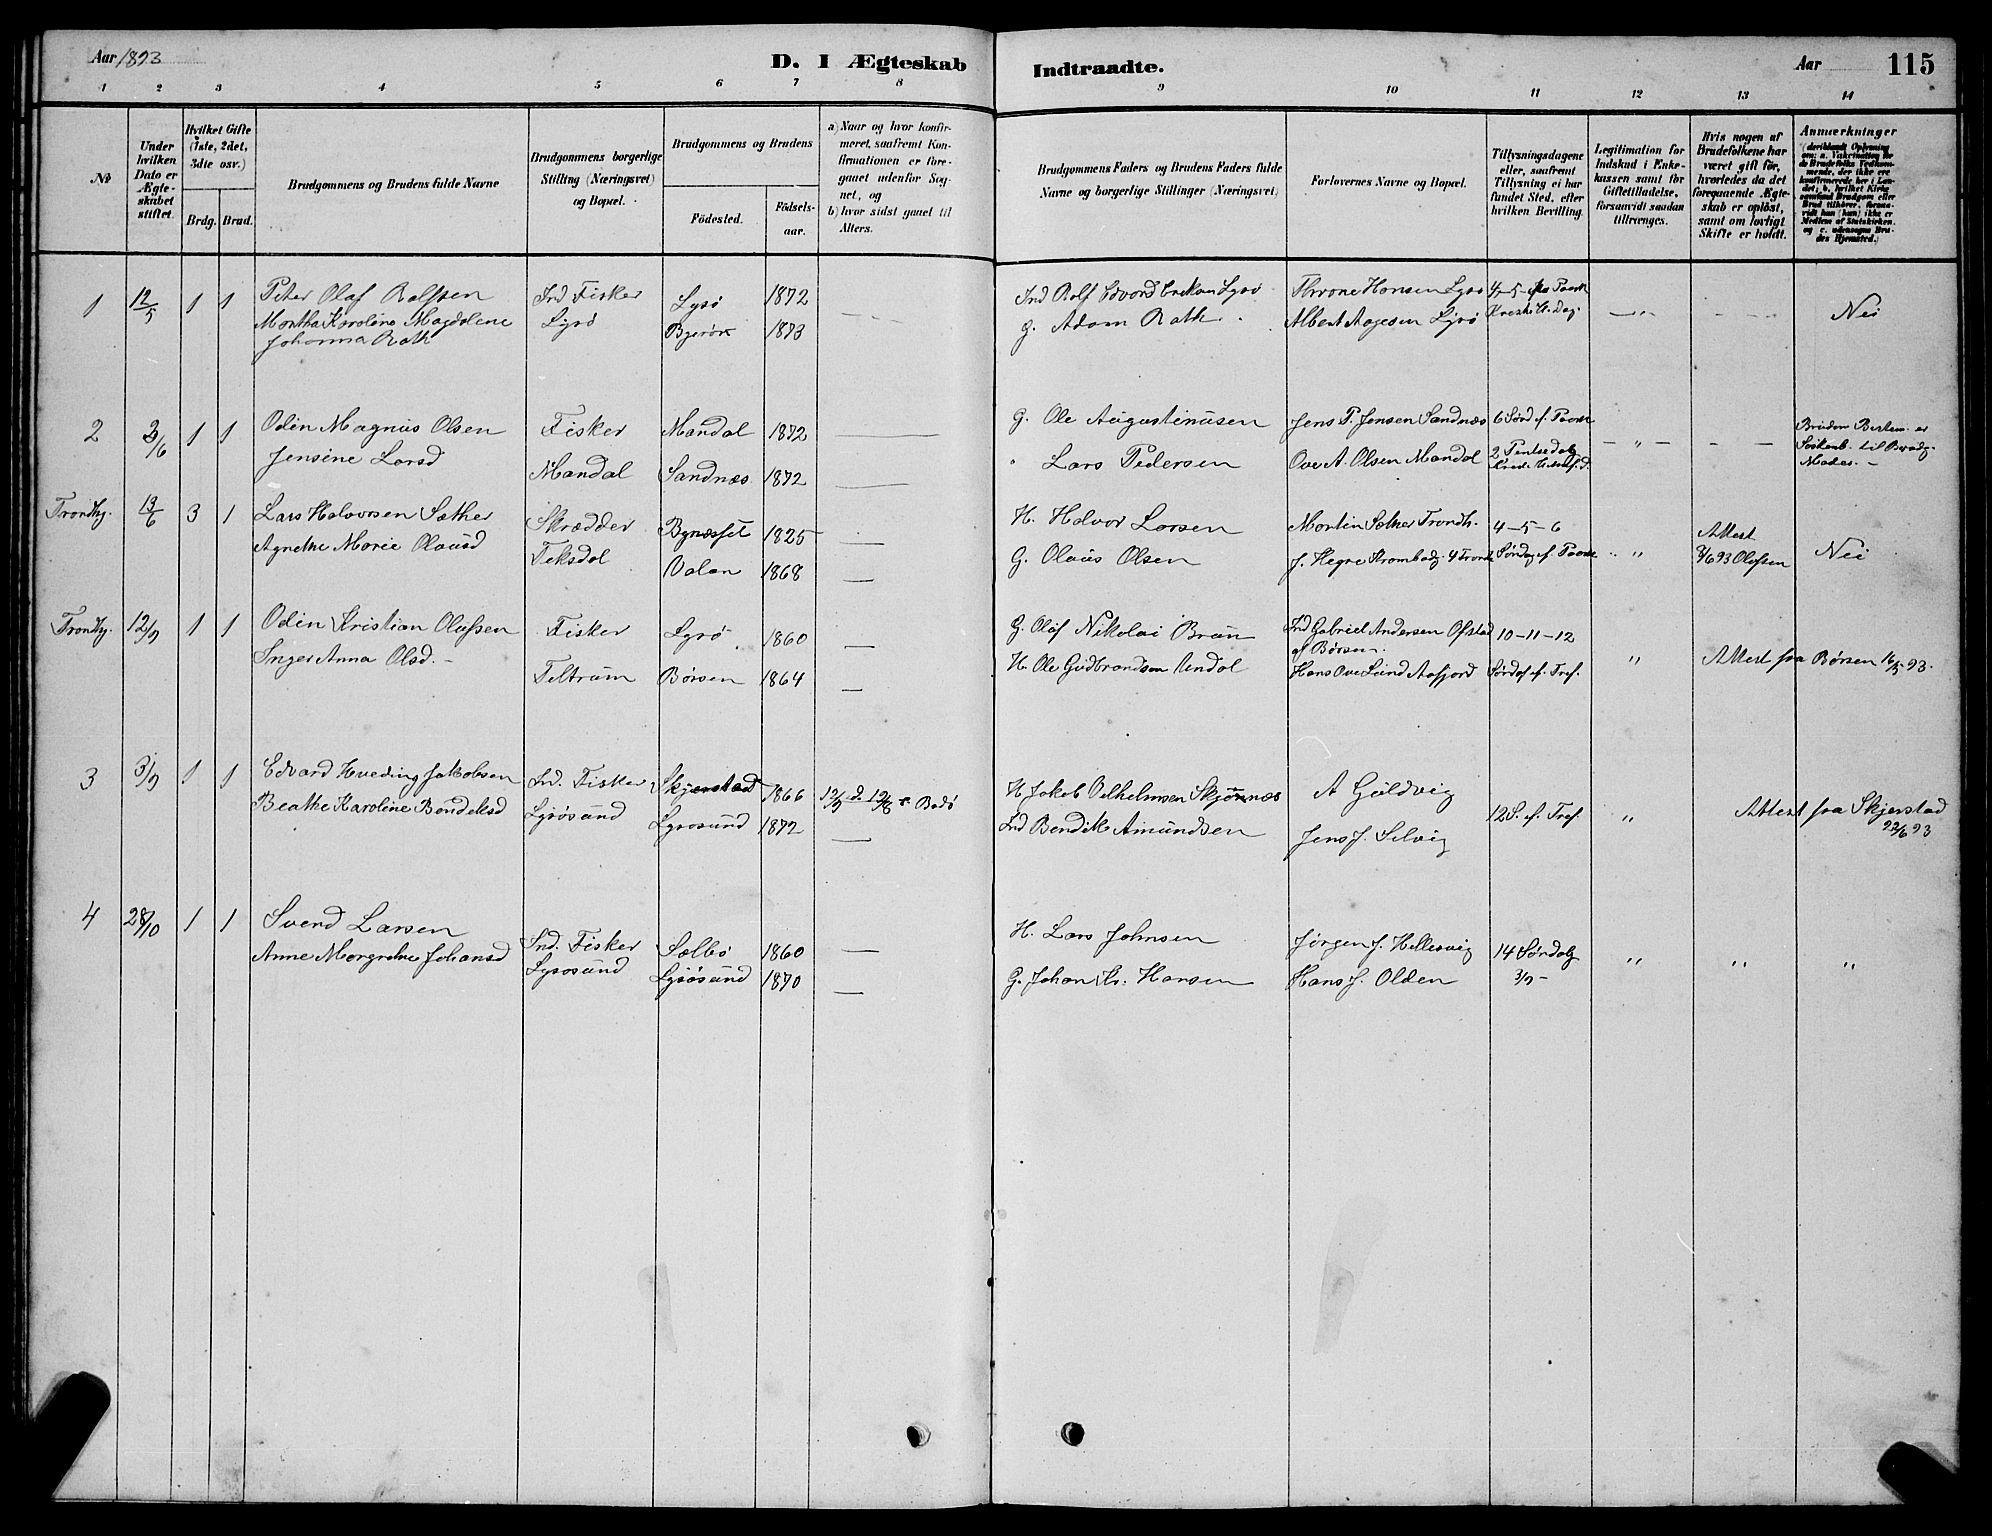 SAT, Ministerialprotokoller, klokkerbøker og fødselsregistre - Sør-Trøndelag, 654/L0665: Klokkerbok nr. 654C01, 1879-1901, s. 115